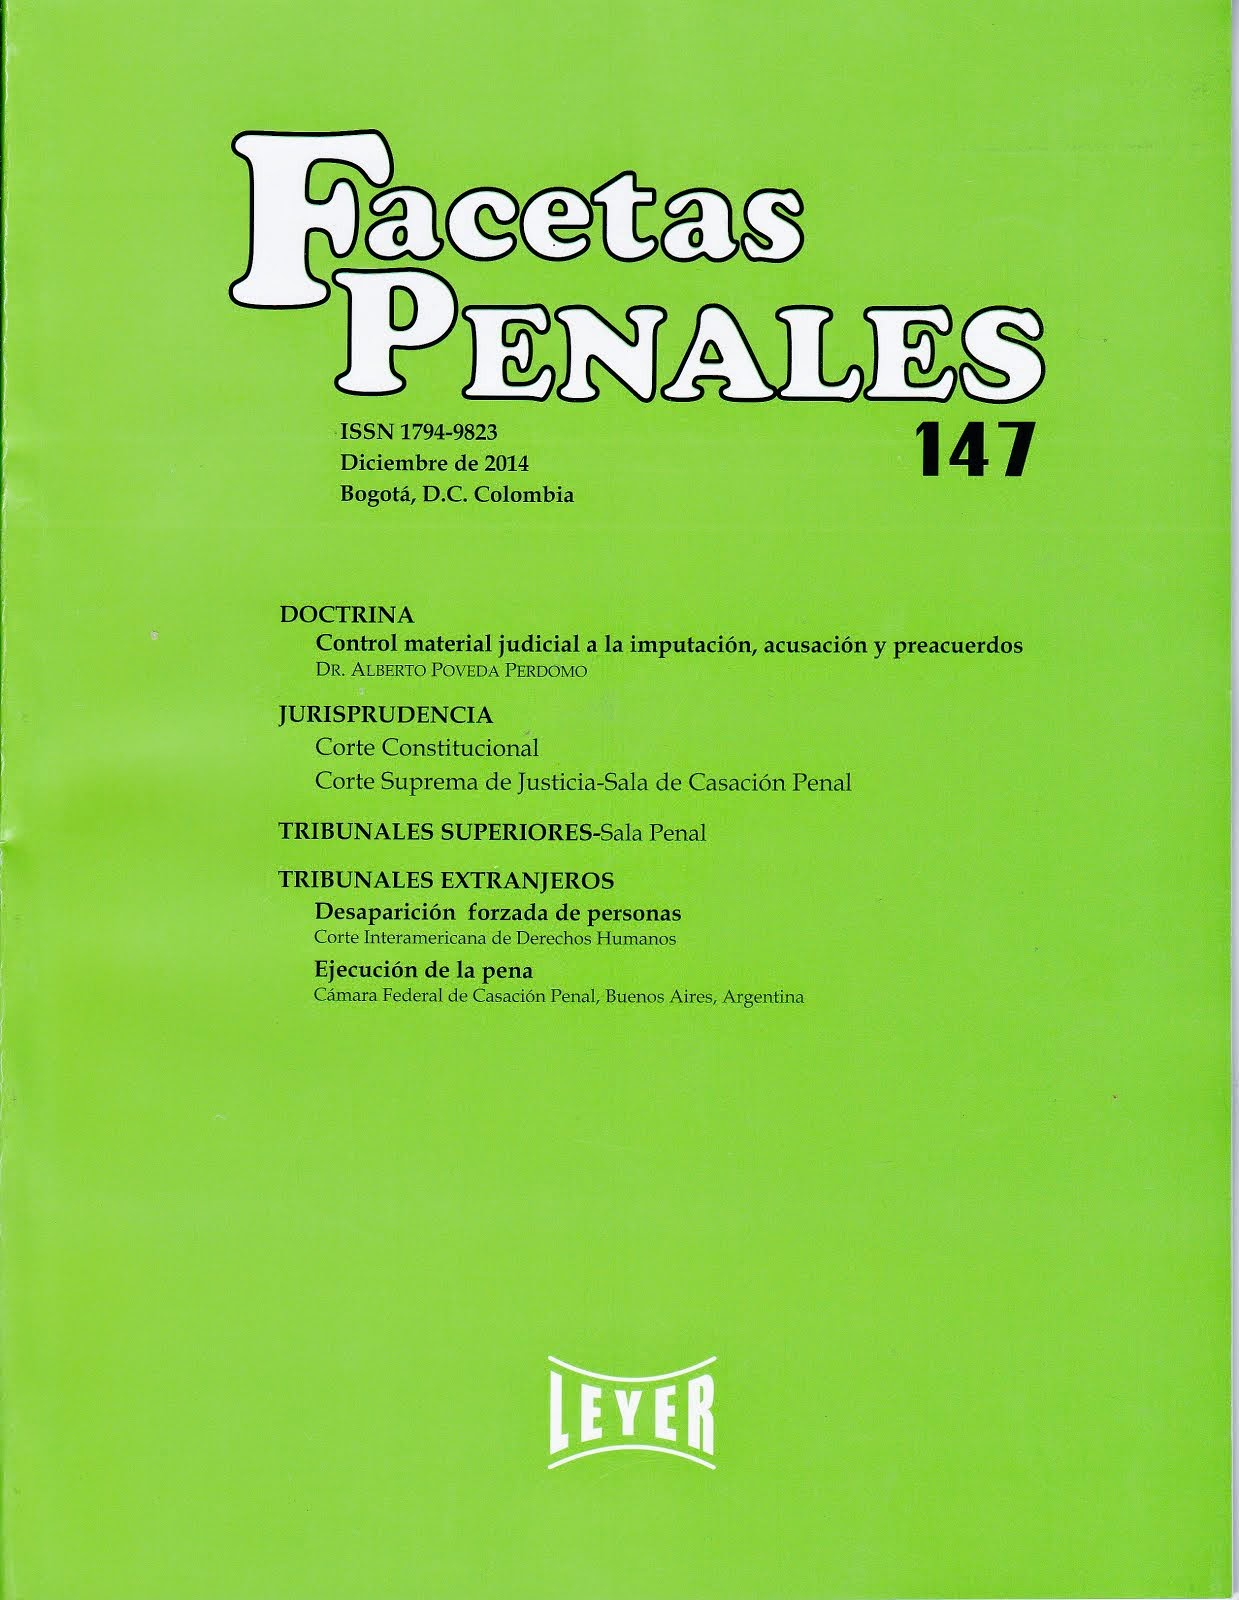 FACETAS PENALES 147